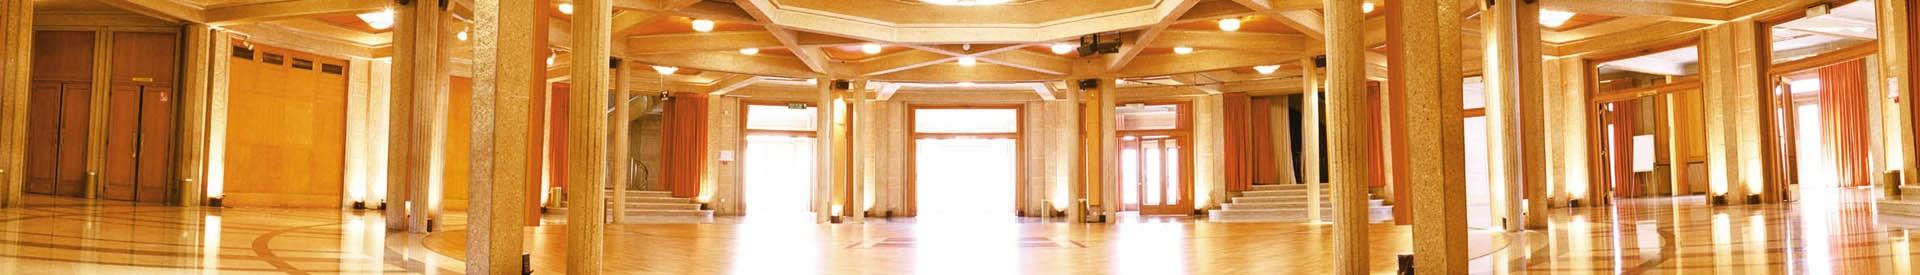 palais-des-congres-110